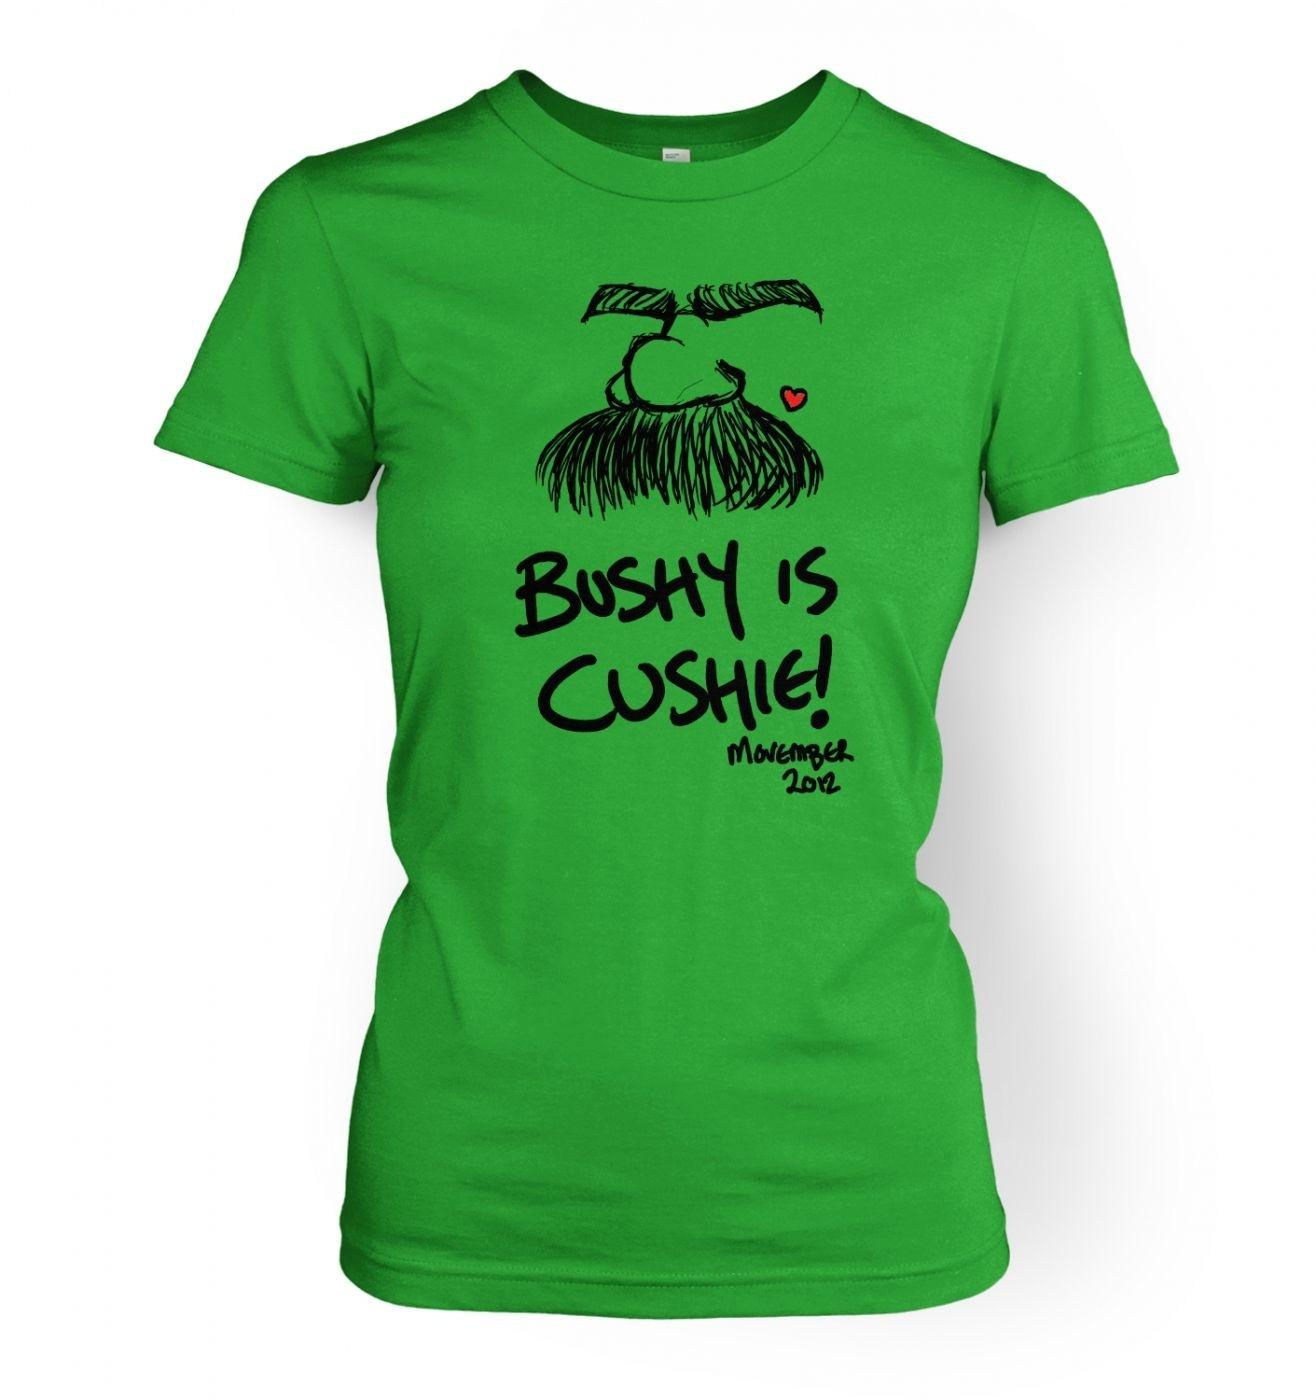 Bushy is cushie! - Women's T-Shirt